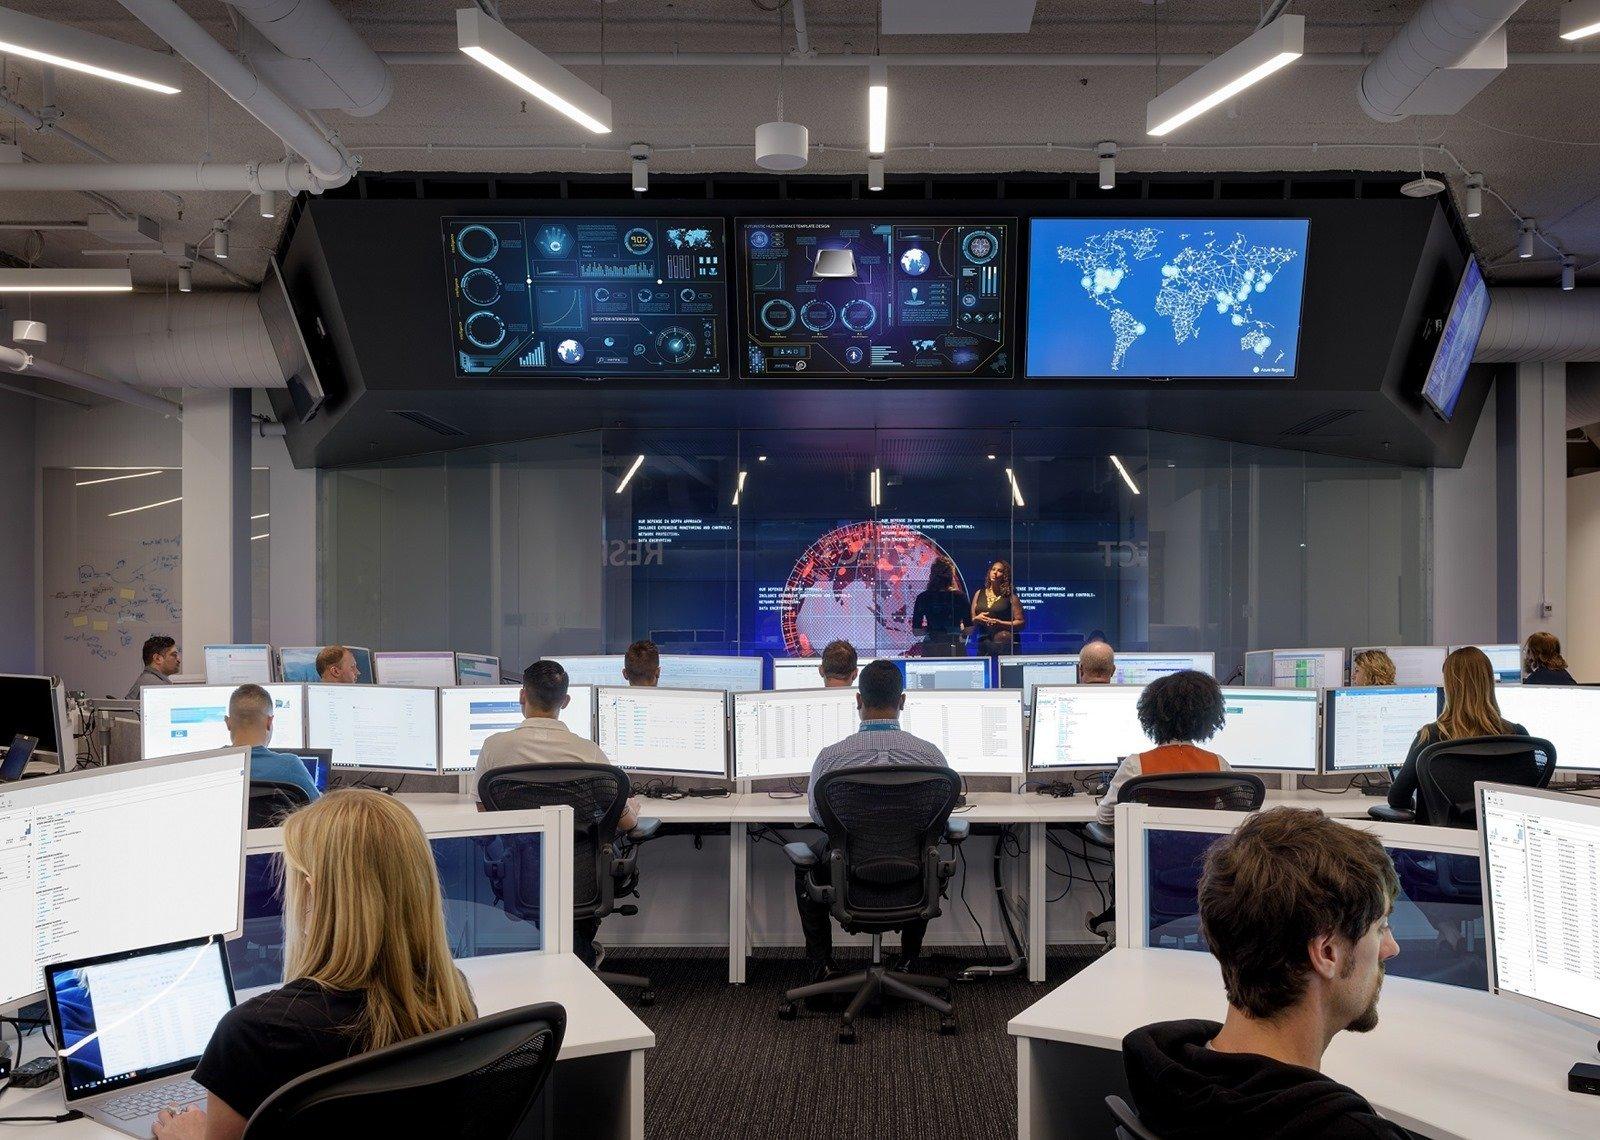 微軟發布五大資安要點 台灣企業應提前部署智慧資安 榮獲 RSA 國際資安大會六項企業安全大獎 力助台廠堅守資安防禦 @3C 達人廖阿輝